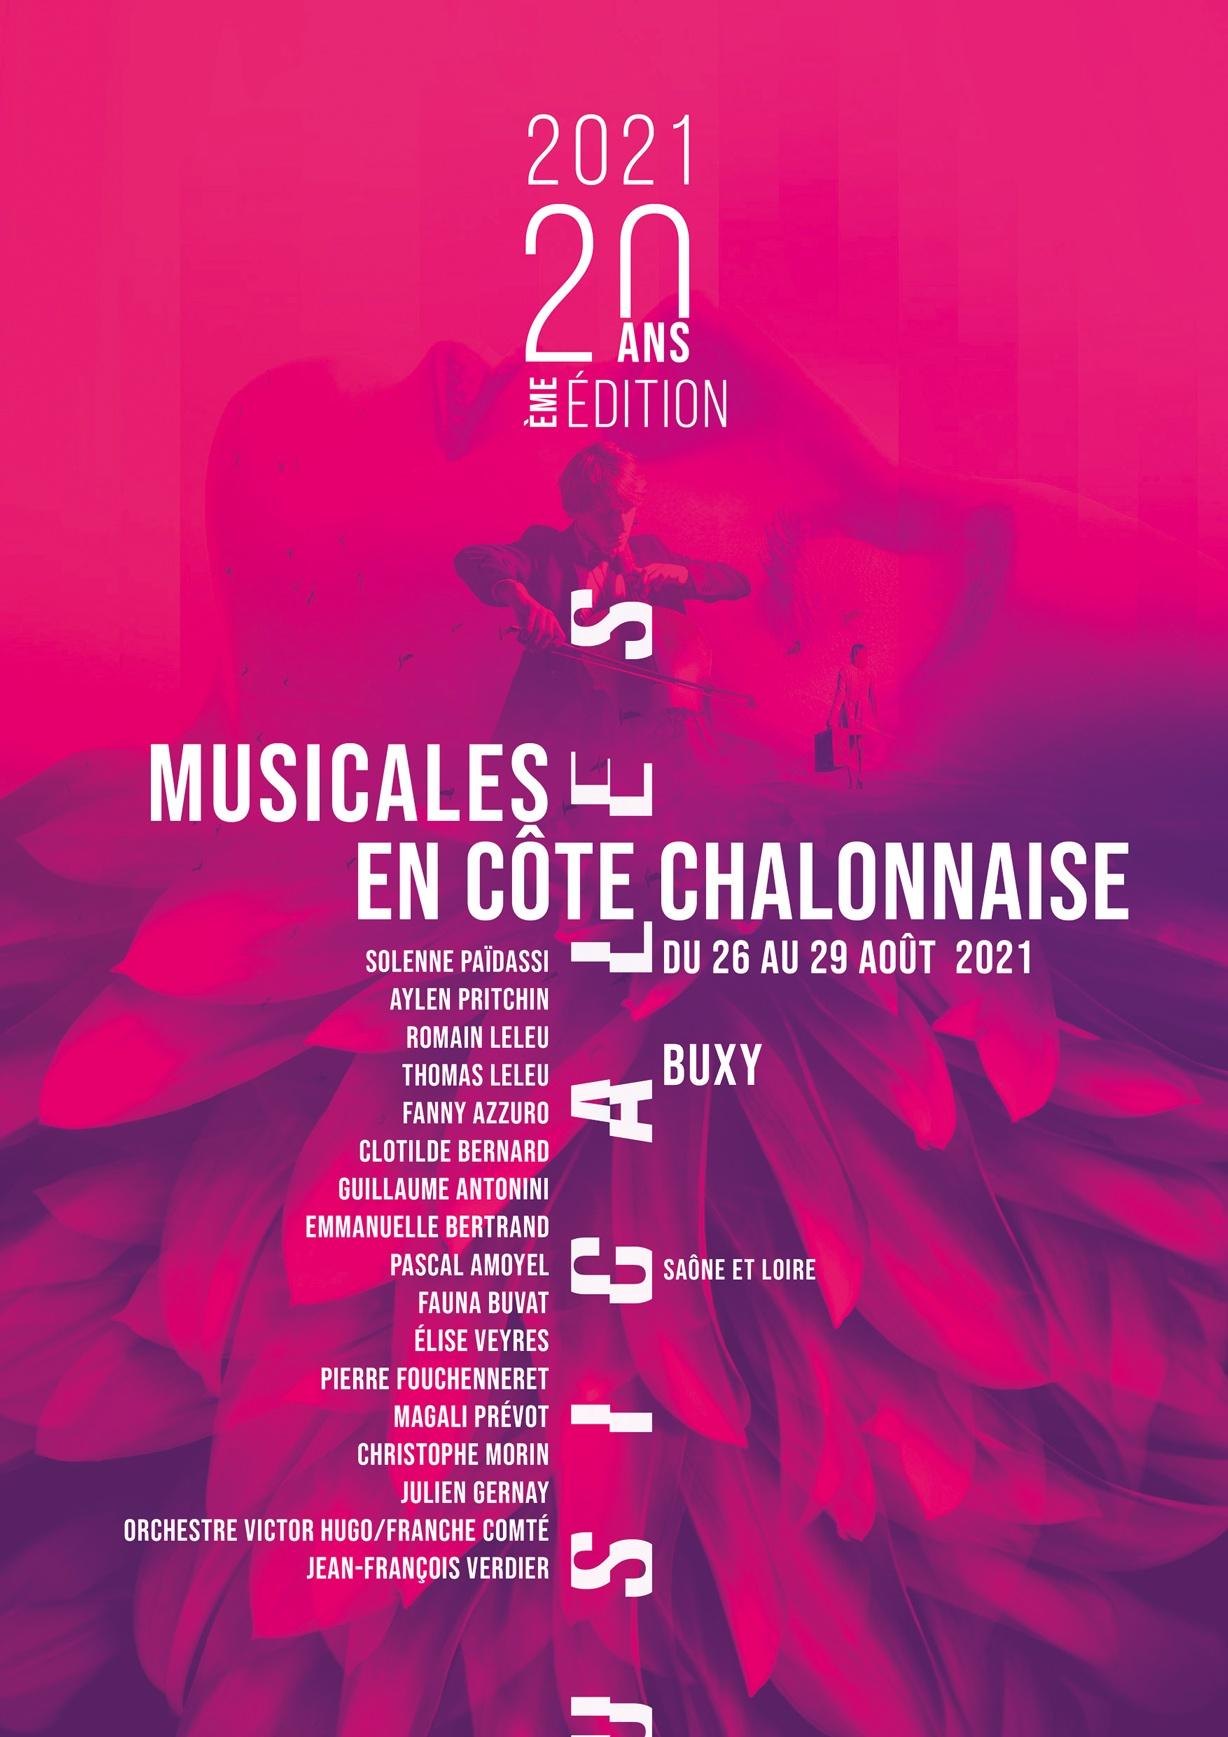 Musicales en Côte chalonnaise : du sud et du son pour la 20e édition